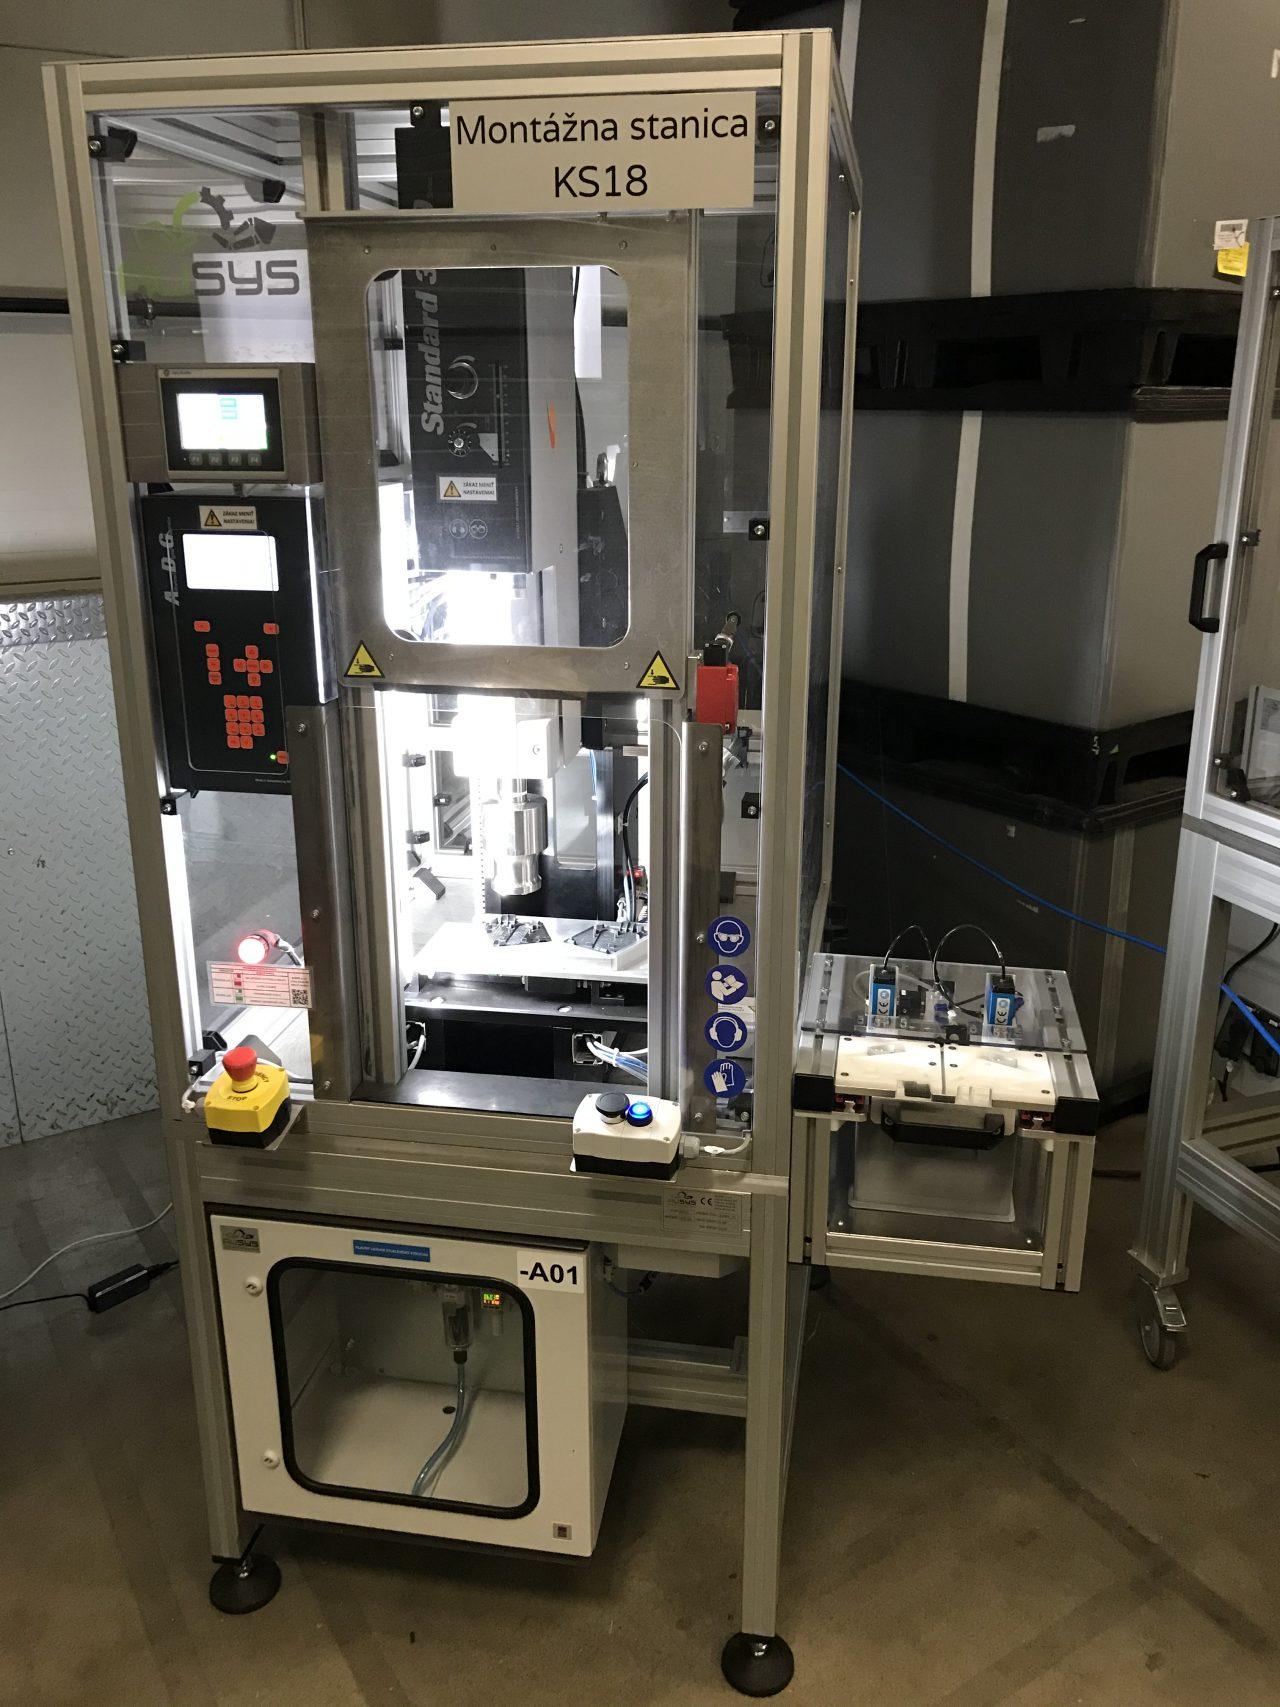 Ultrasonic welding station - Stanica s ultrazvukovou zváračkou